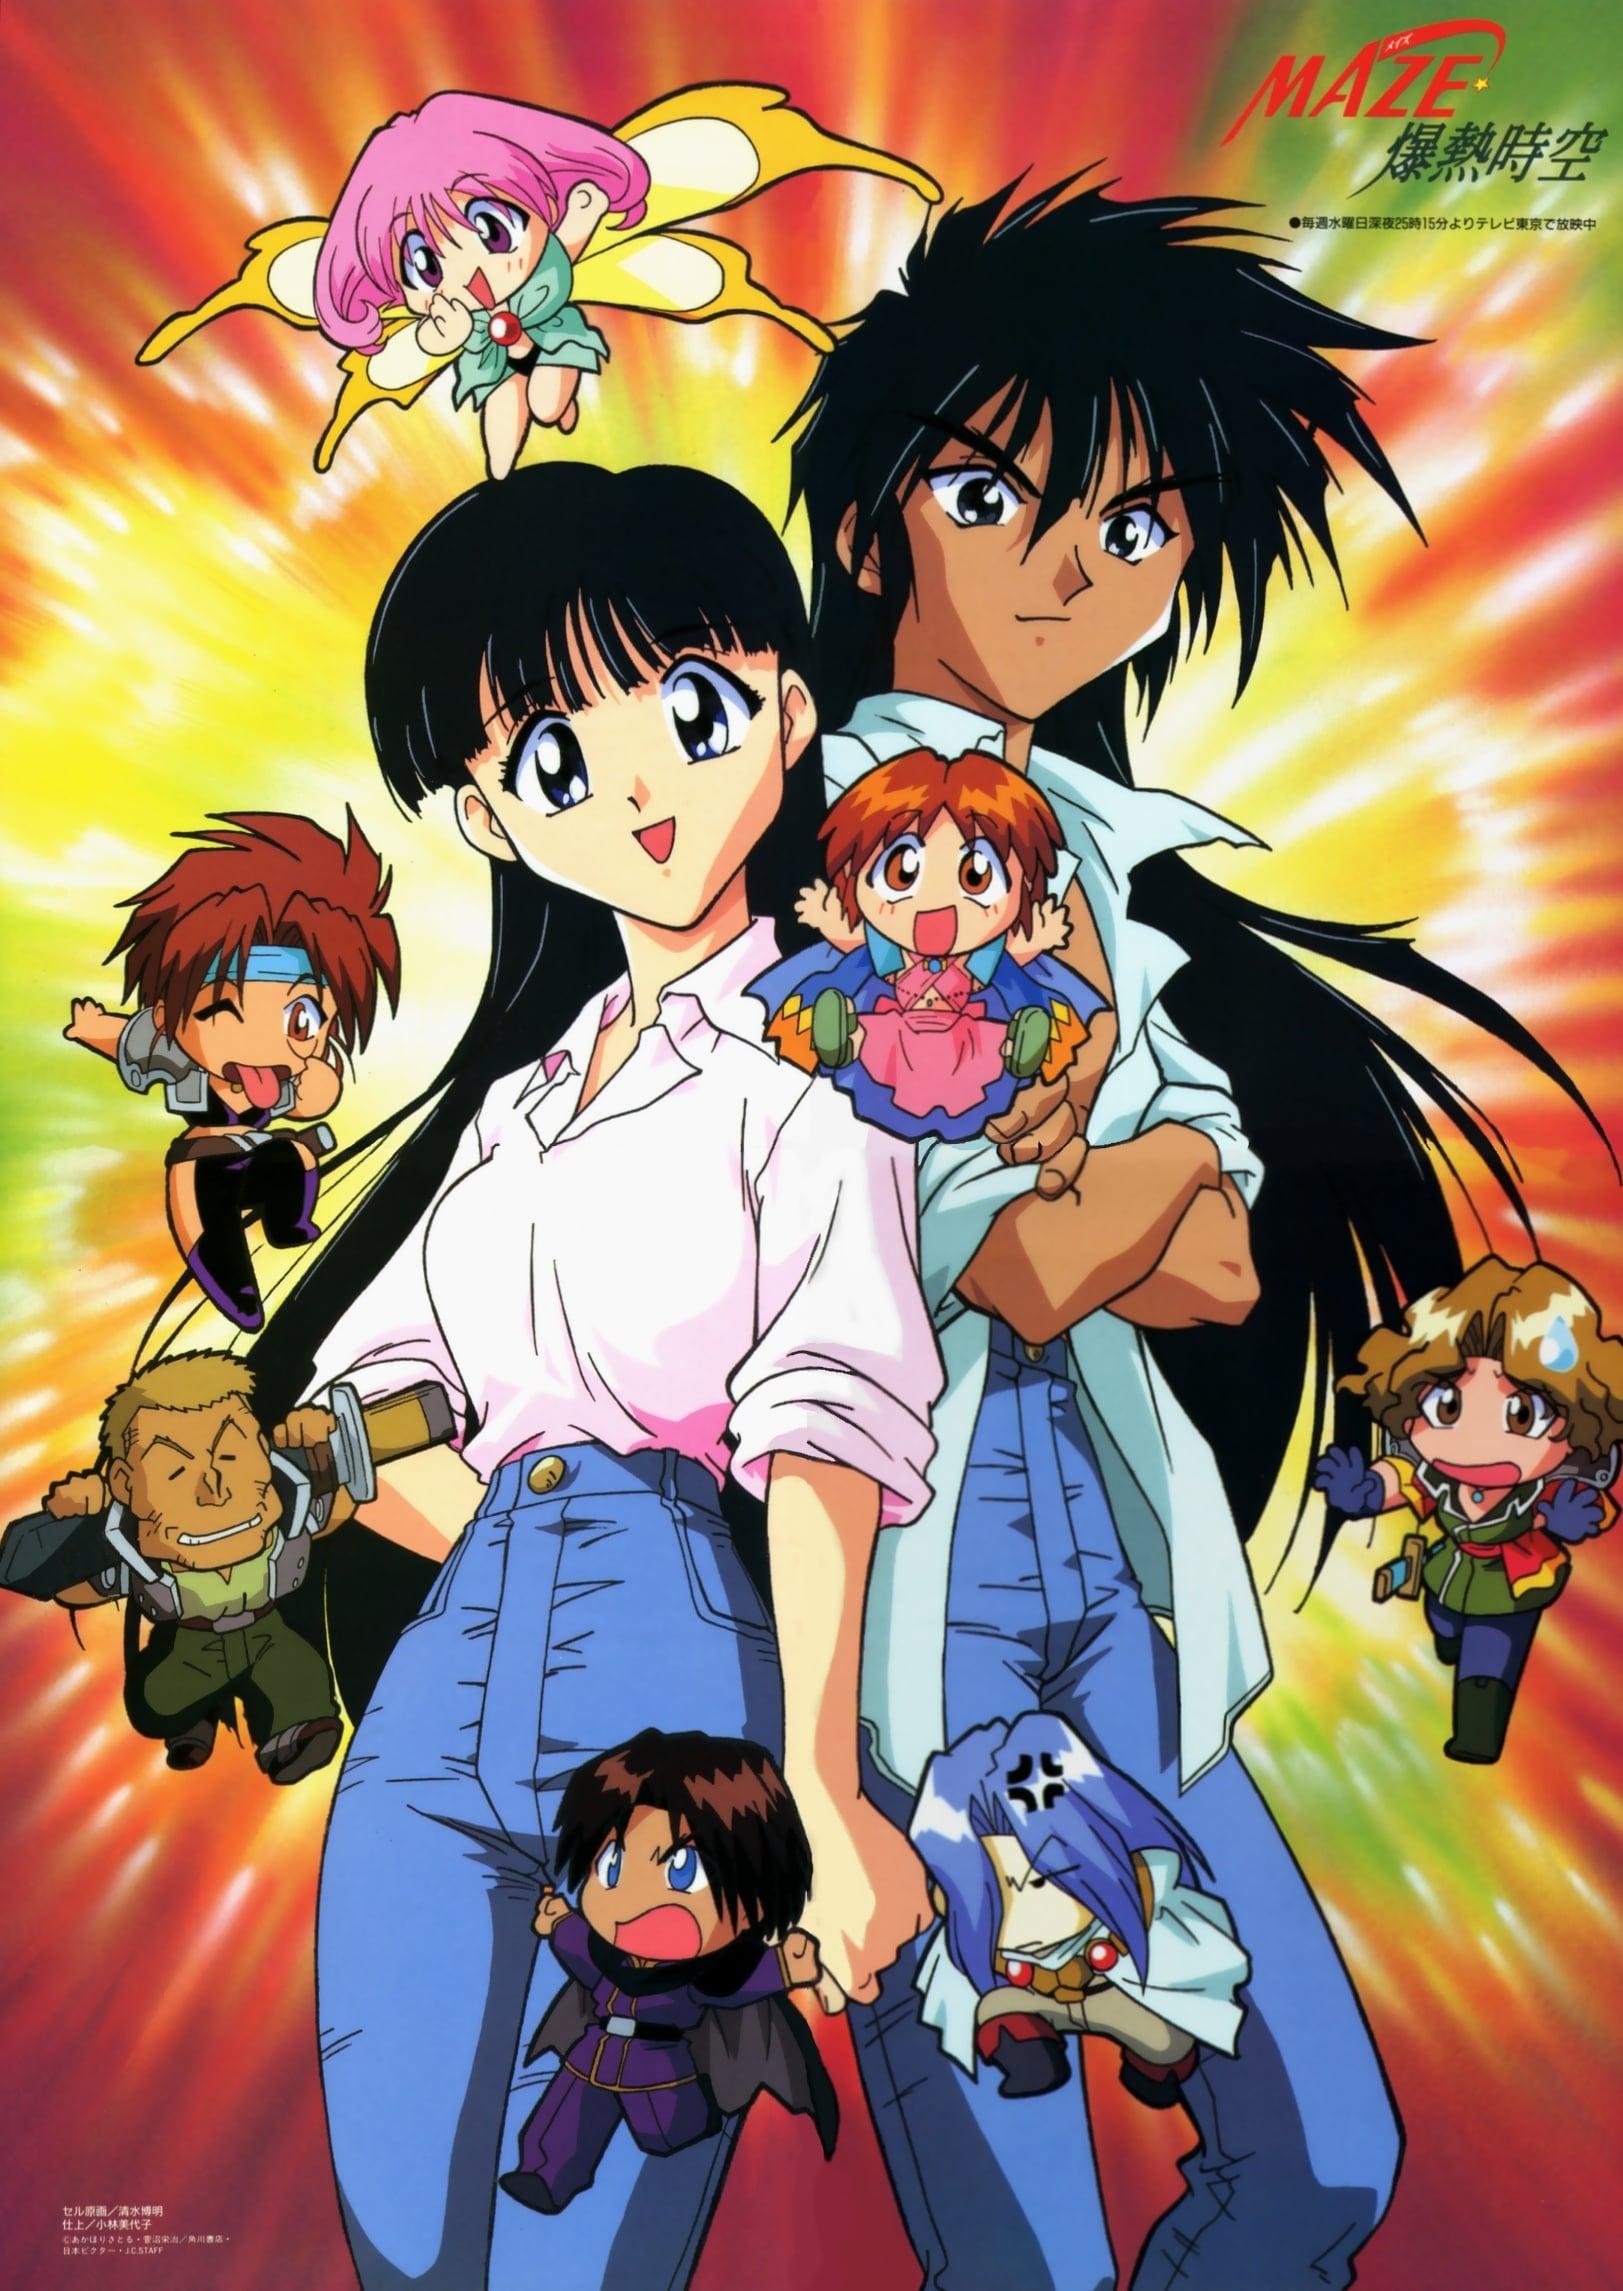 MAZE☆爆熱時空 (1997)